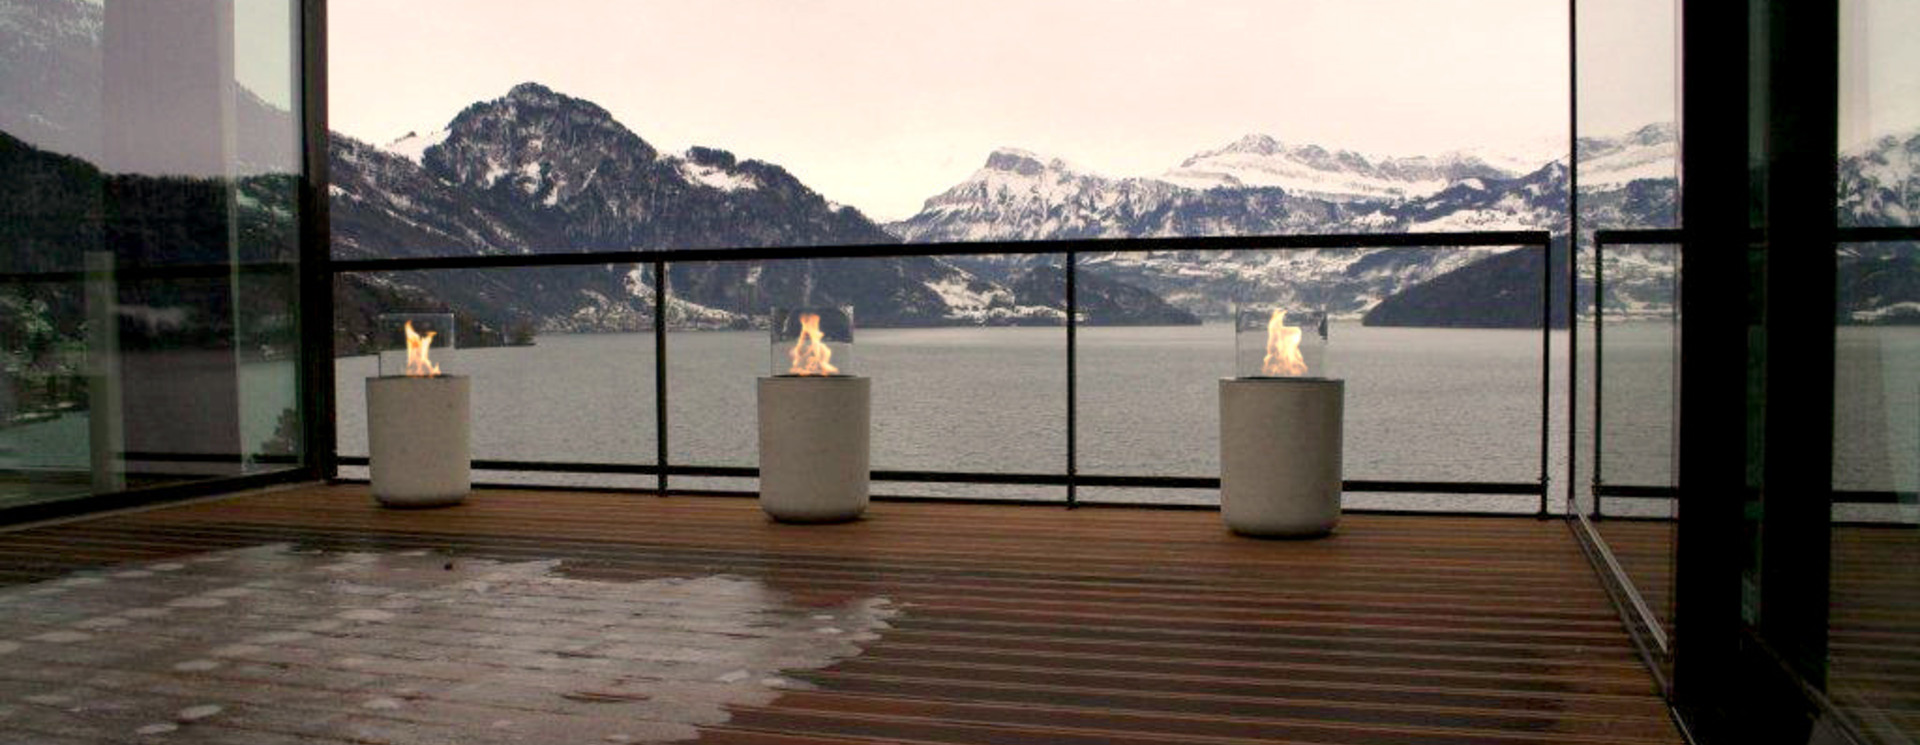 Fire columns